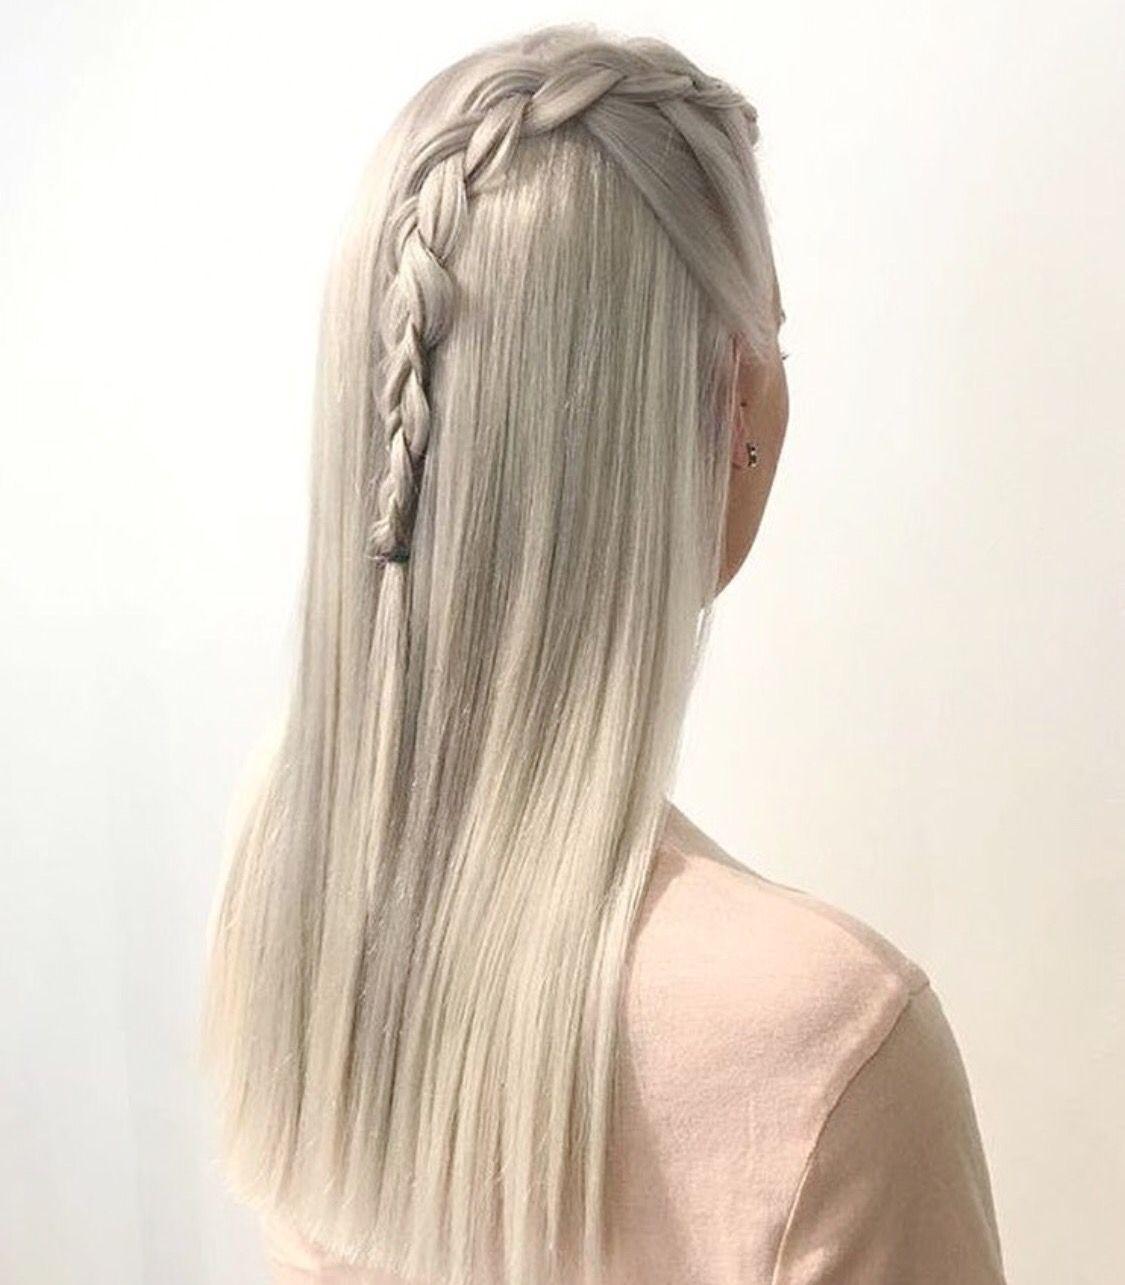 Hair by Harmoniq💇🏼 #harmoniq